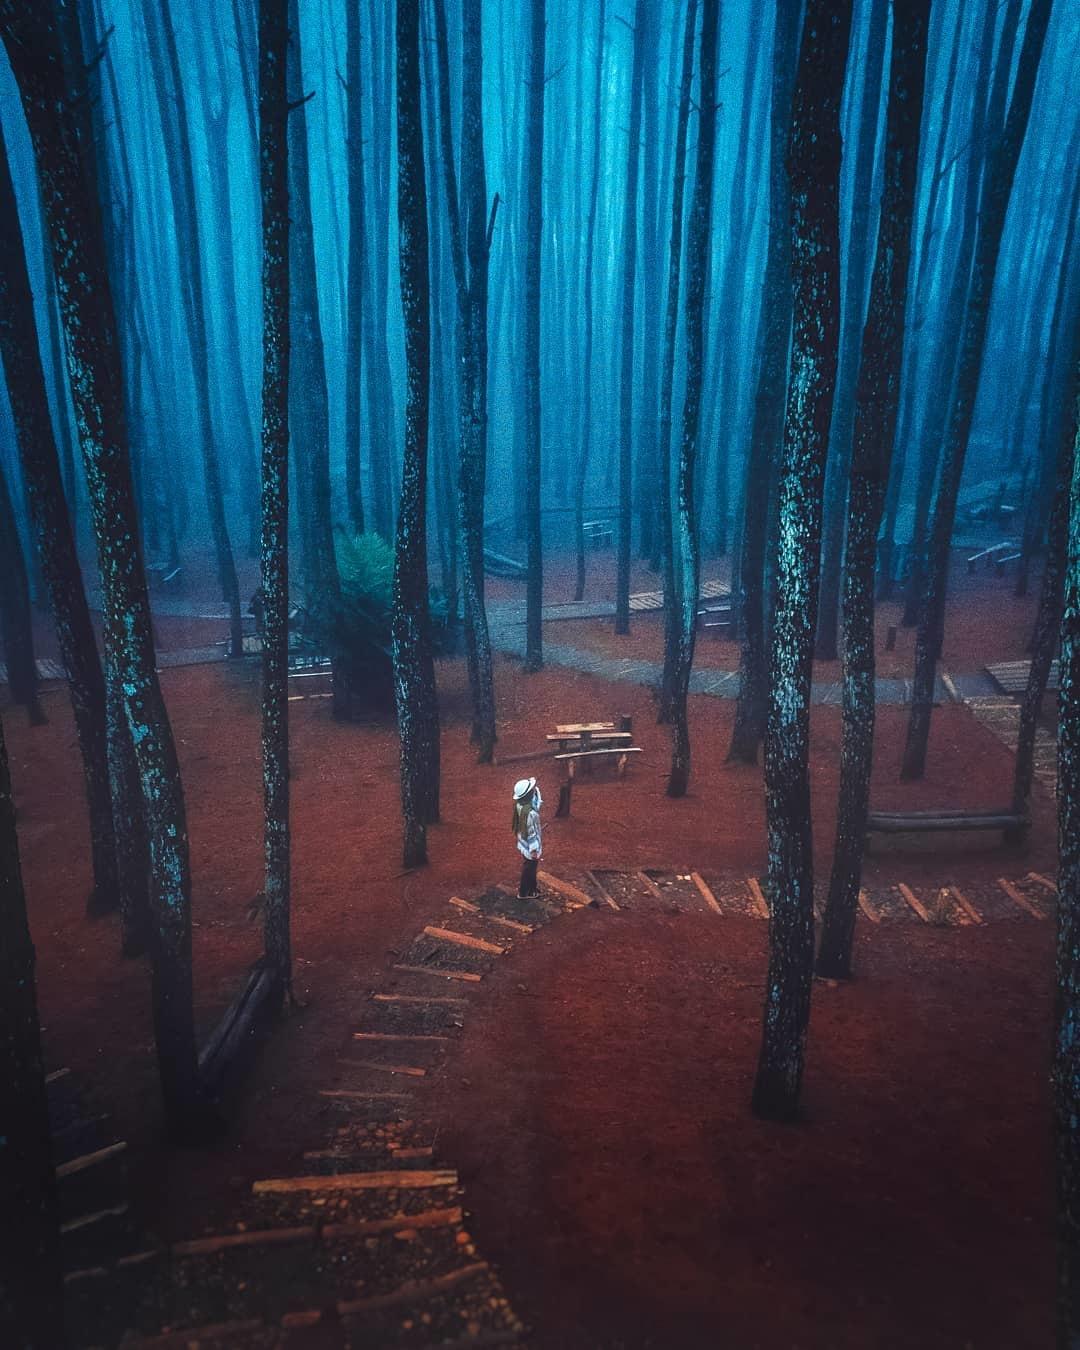 Hutan Pinus Mangunan Bantul Daerah Istimewa Yogyakarta